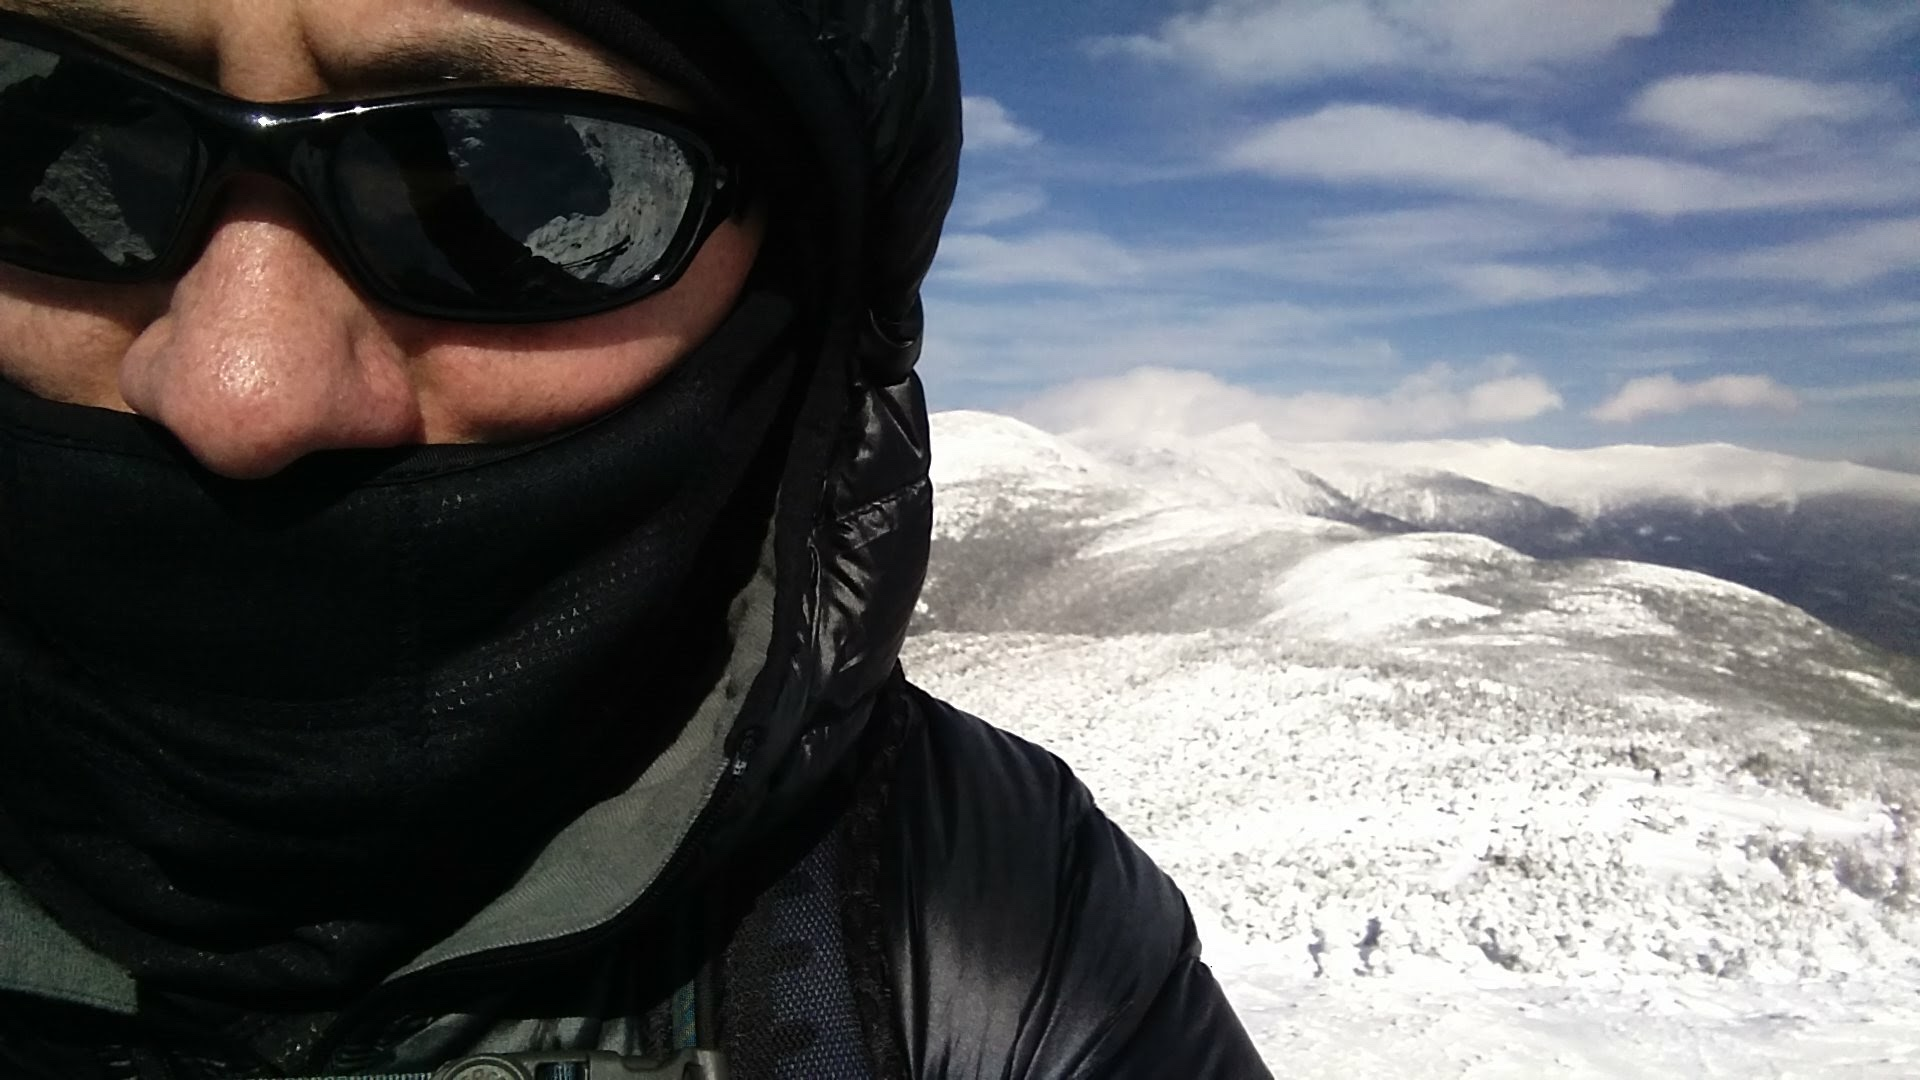 KB1JPW winter hiking